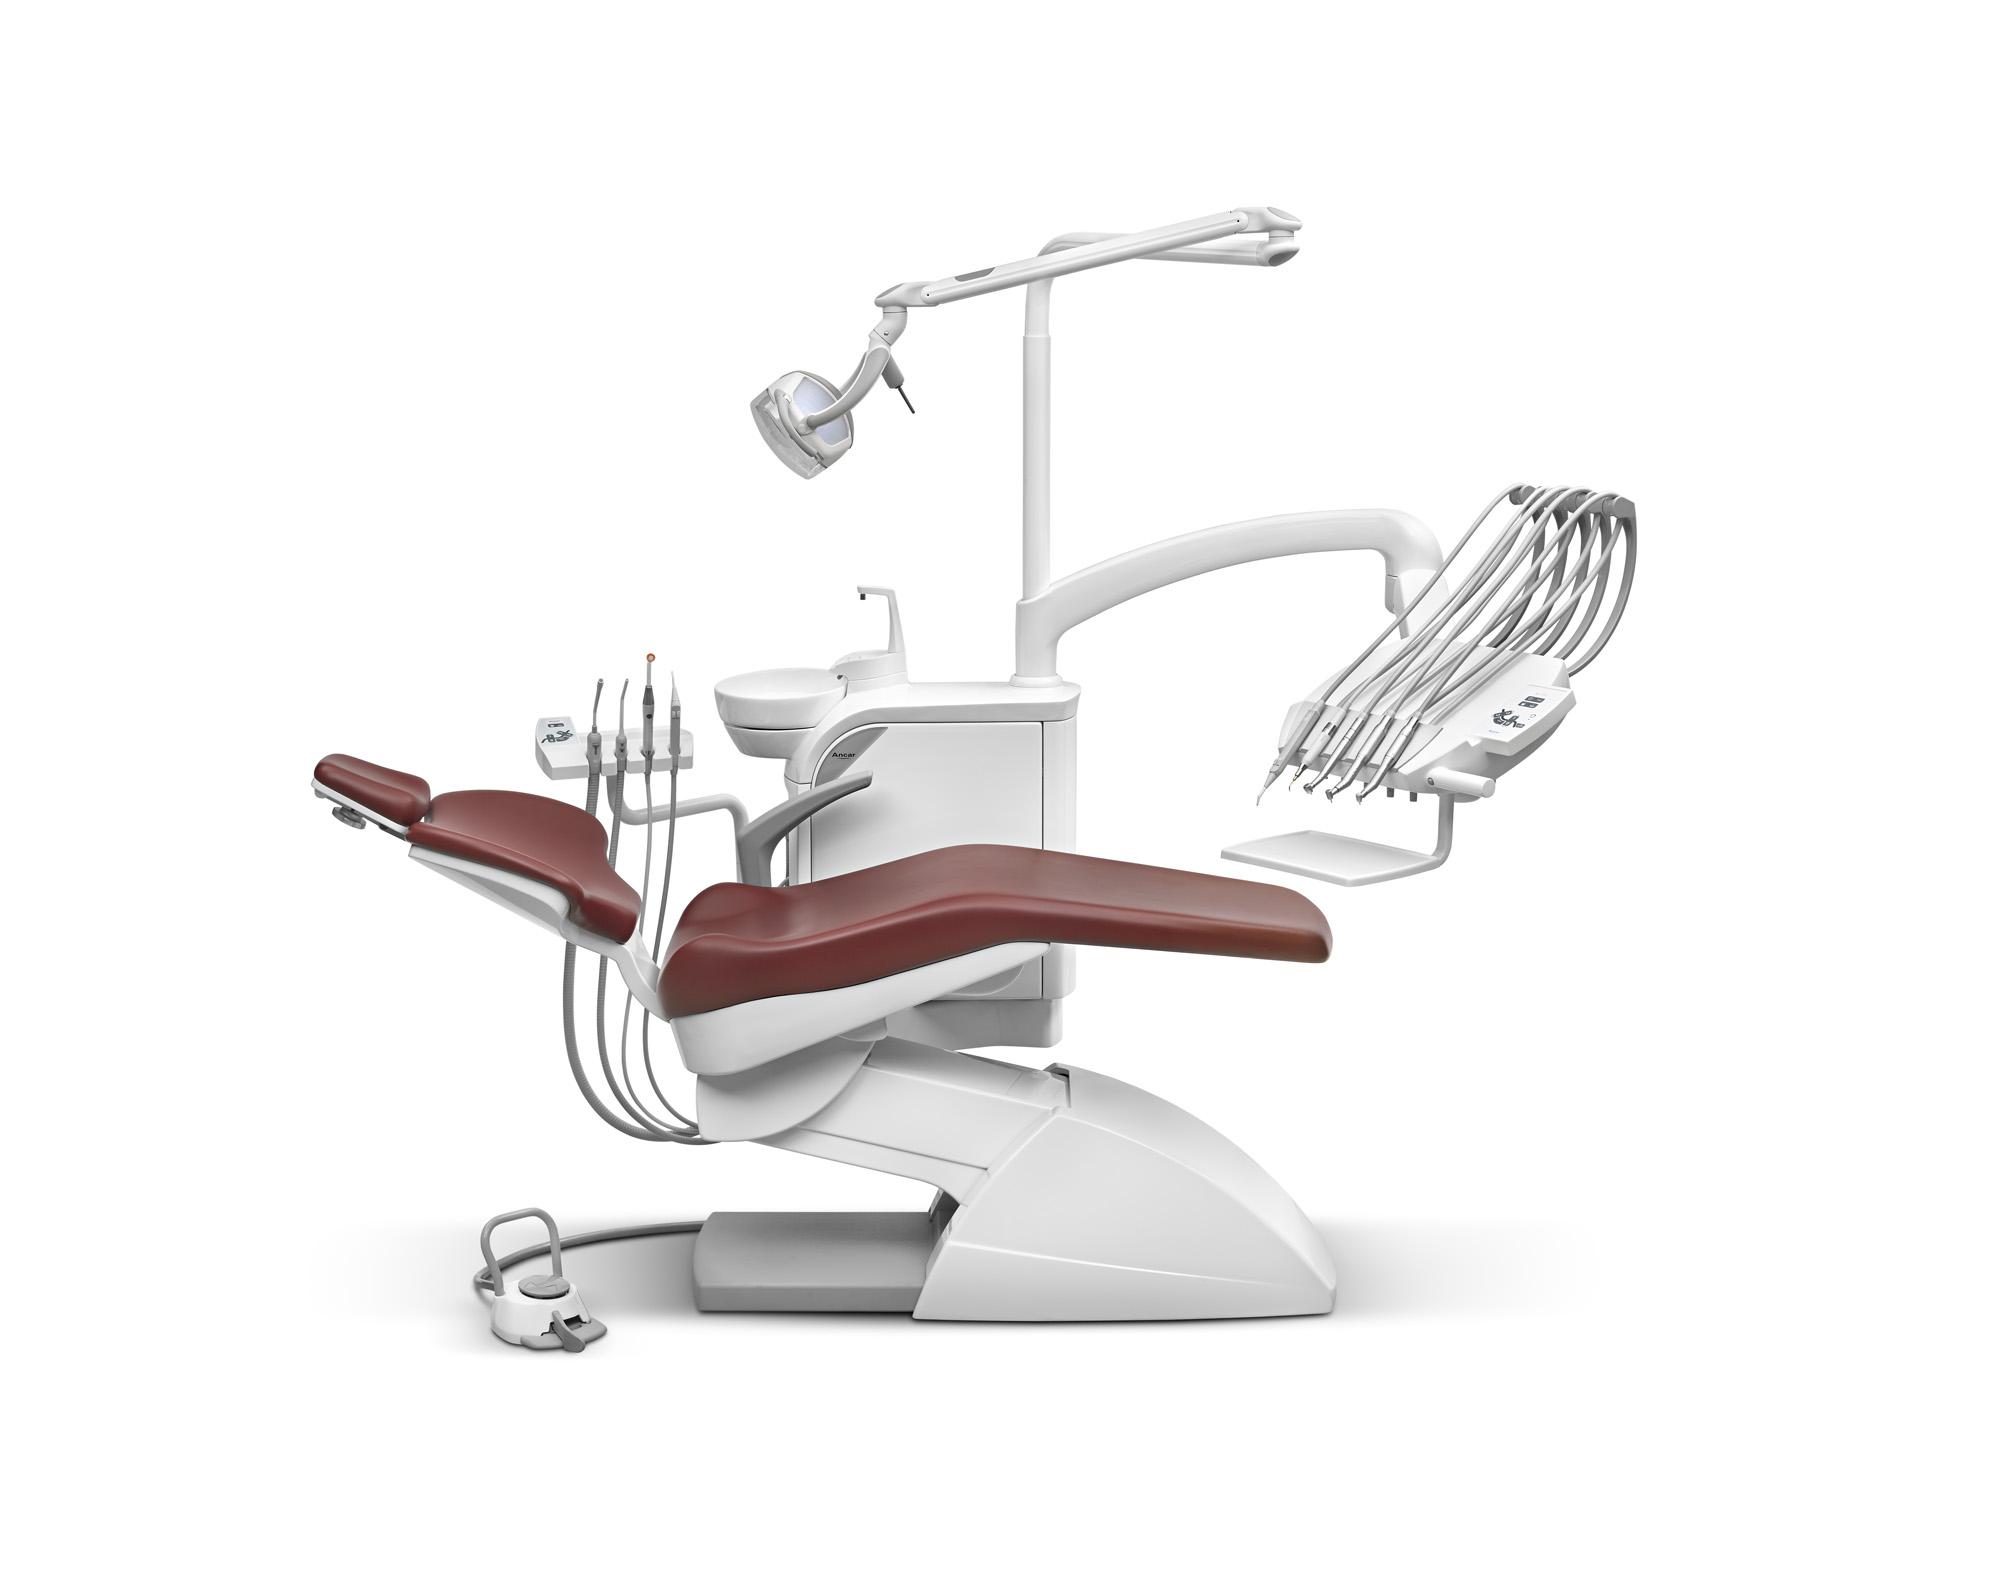 SD-150 Elektropneumatische Behandlungseinheit mit Schwingbügeln